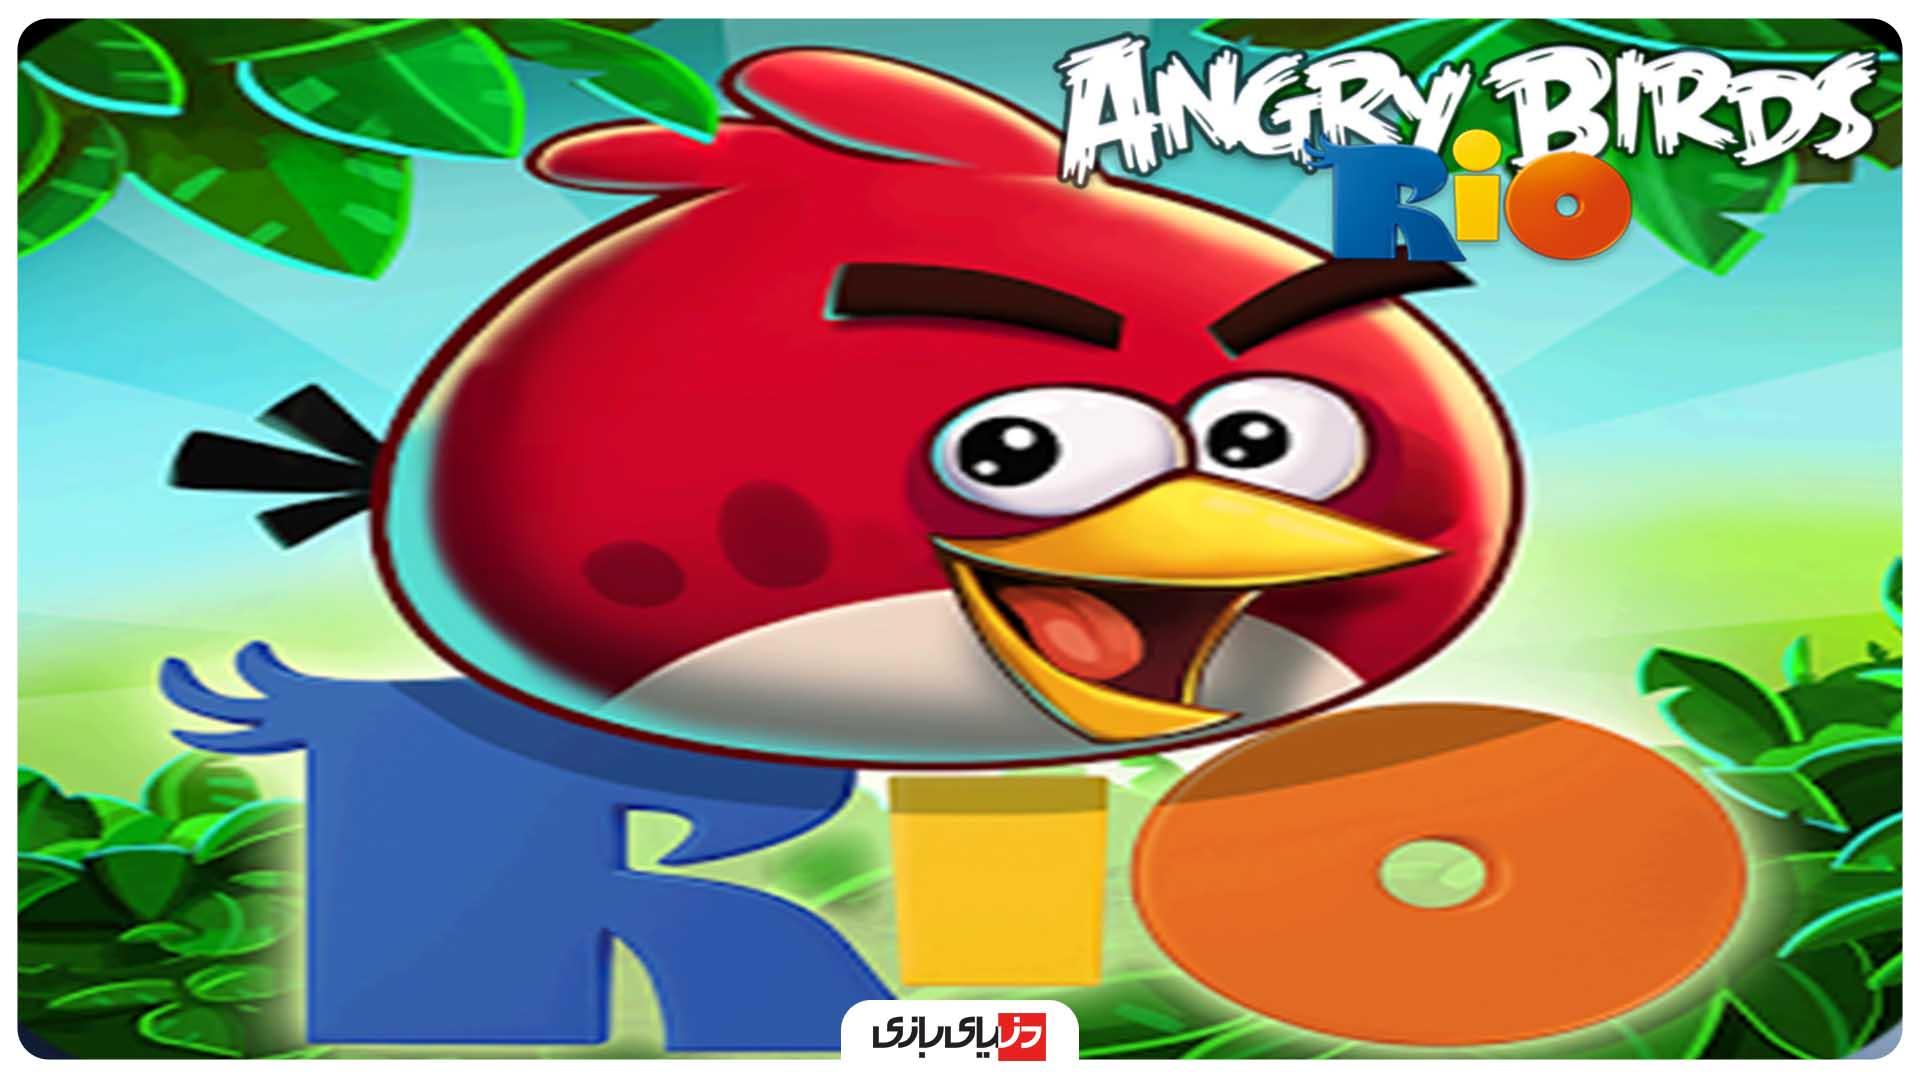 بازی پرندگان خشمگین - انگری بردز ریو (مارس 2011)